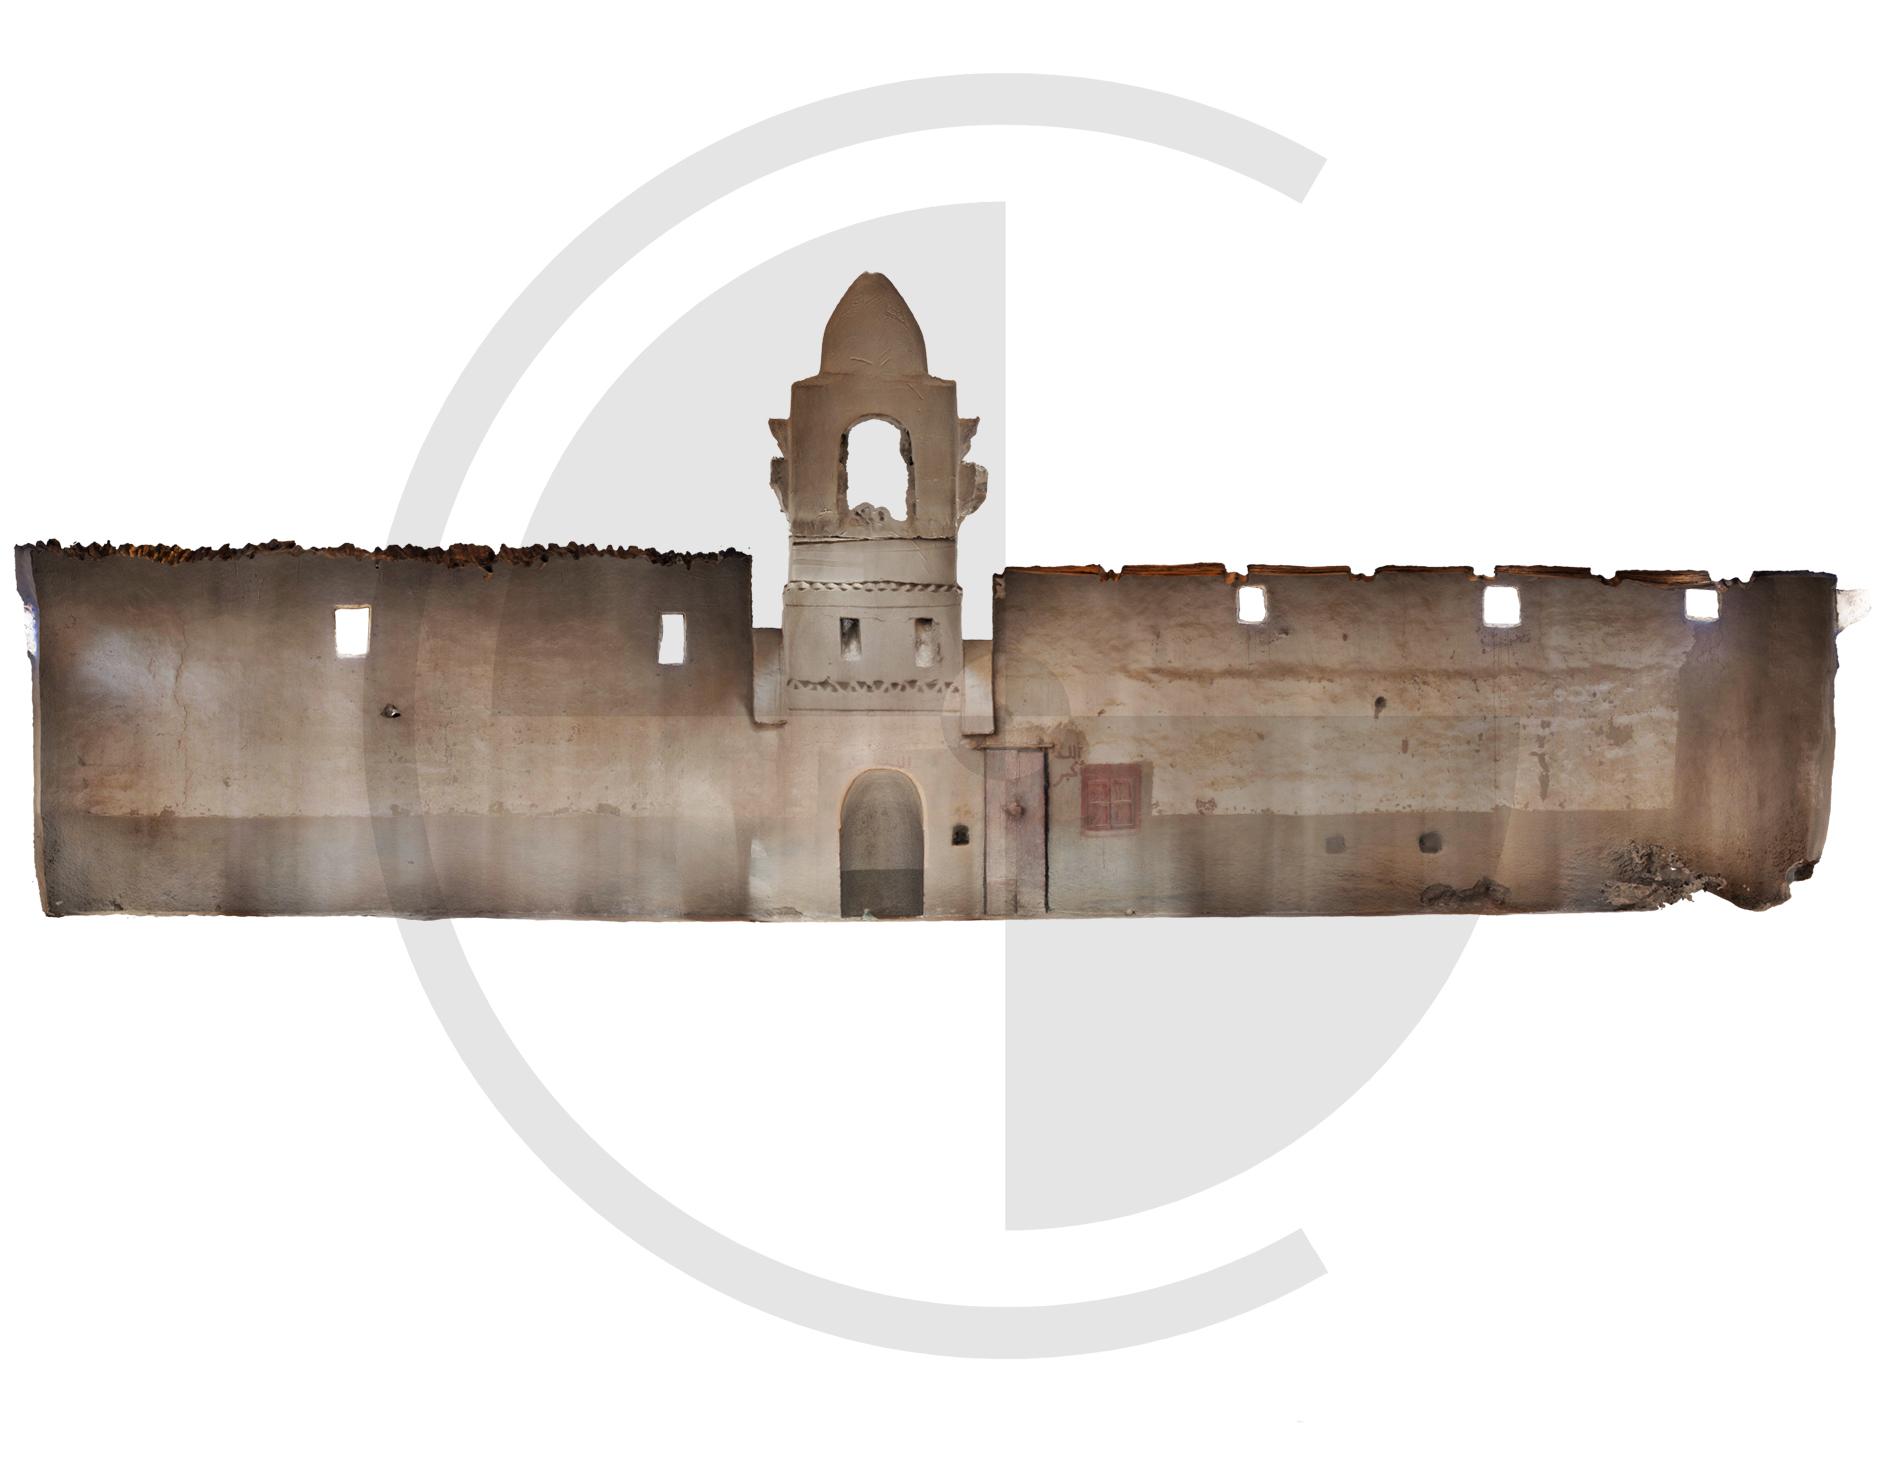 Alzado interior de la fachada de la Quibla